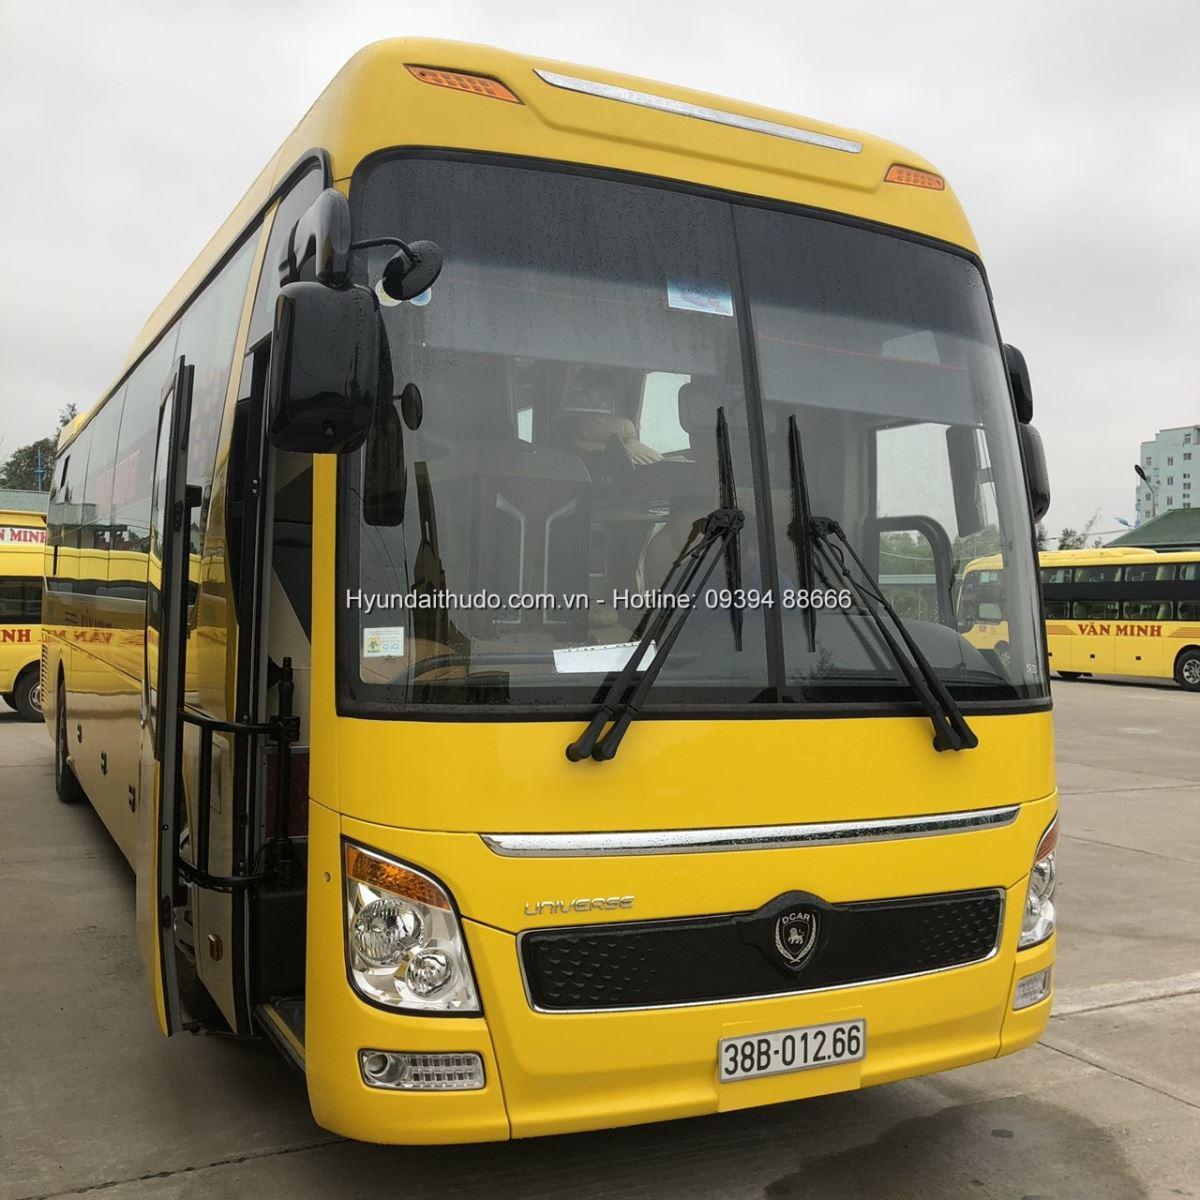 Thông tin hình ảnh ngoại thất và nội thất xe khách giường nằm Dcar Limousine 30 - 32 giường cao cấp